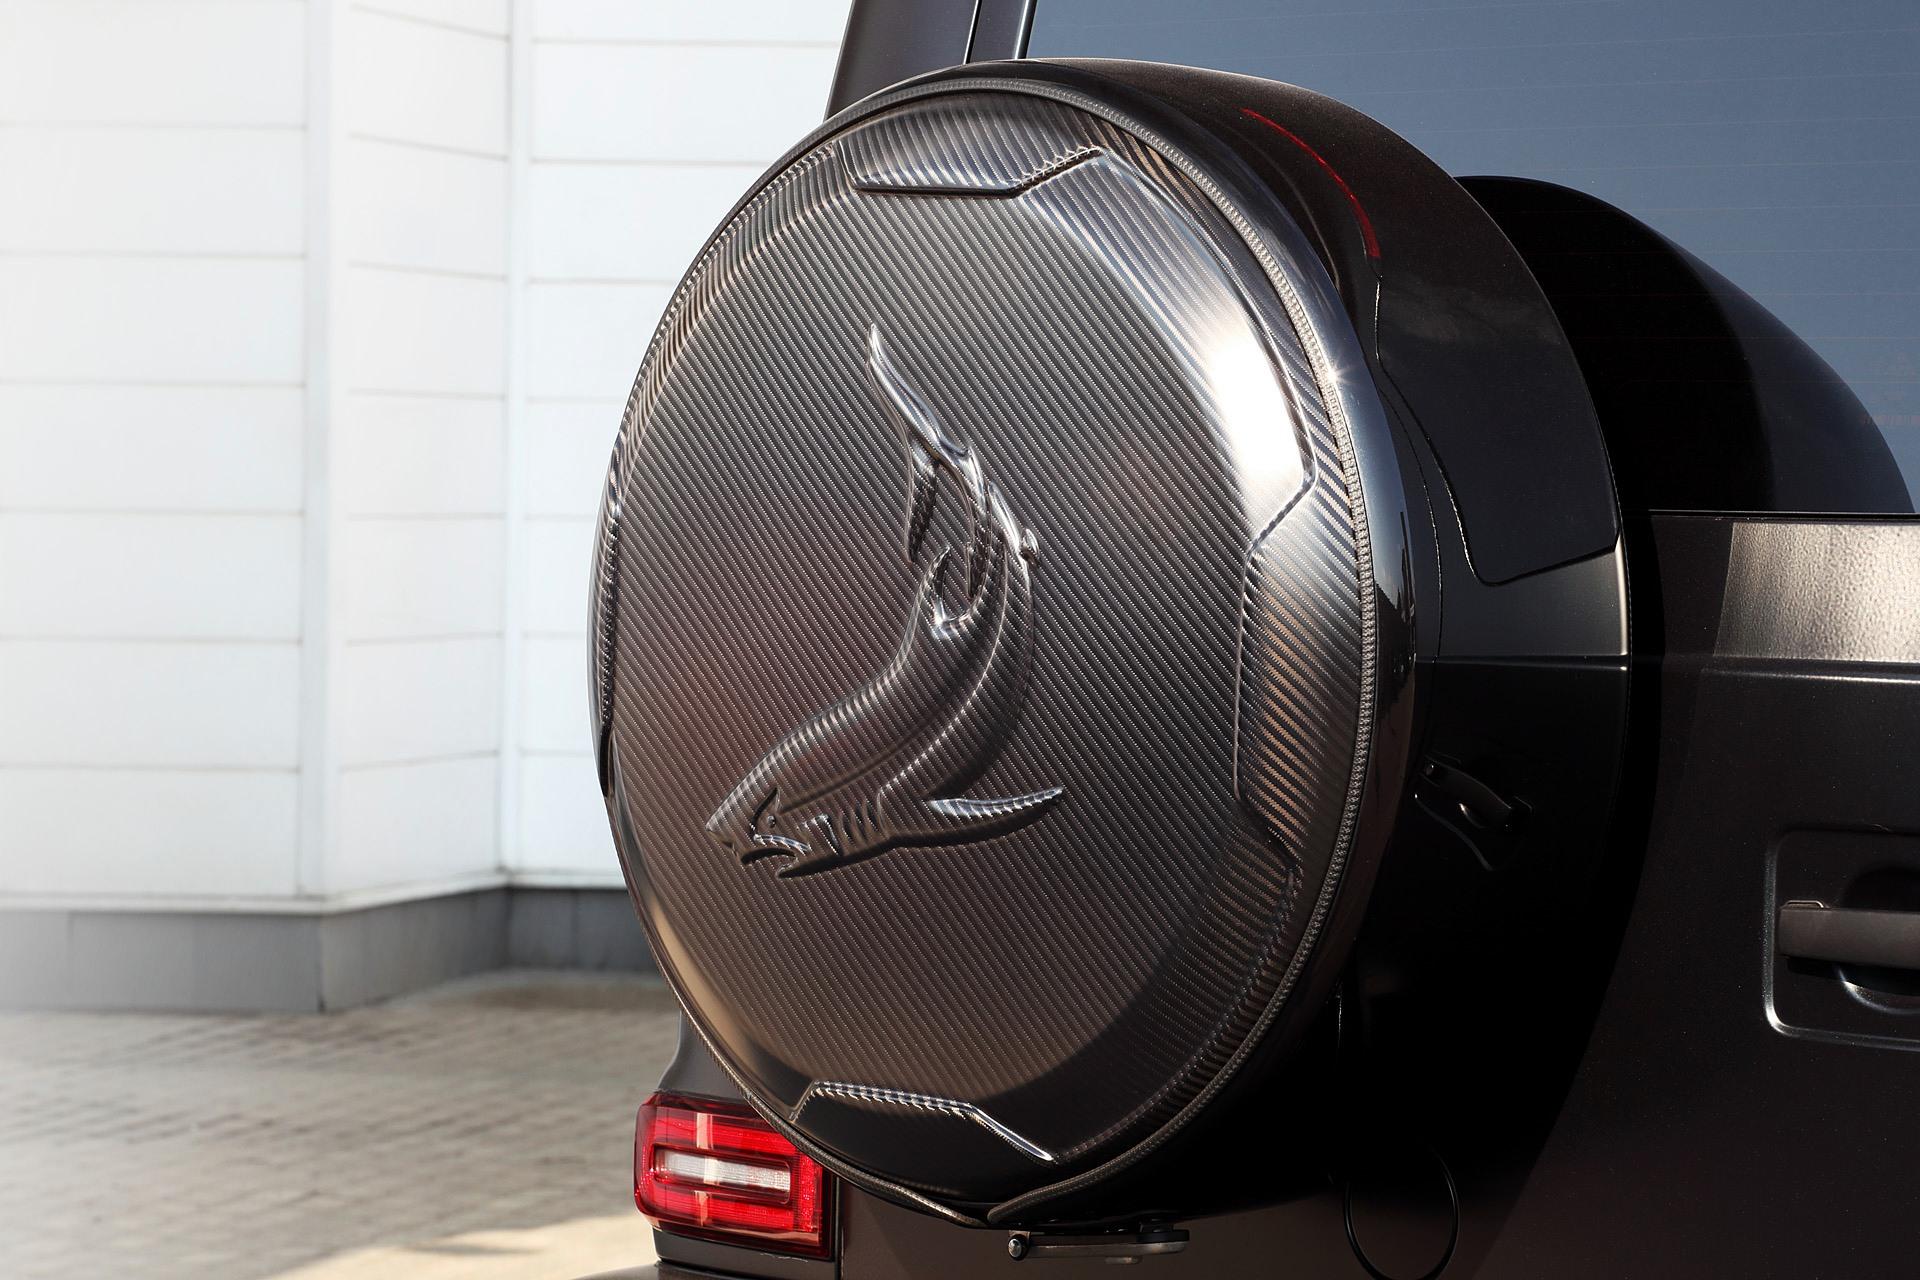 Mercedes G 63 AMG 2019 body kit Inferno